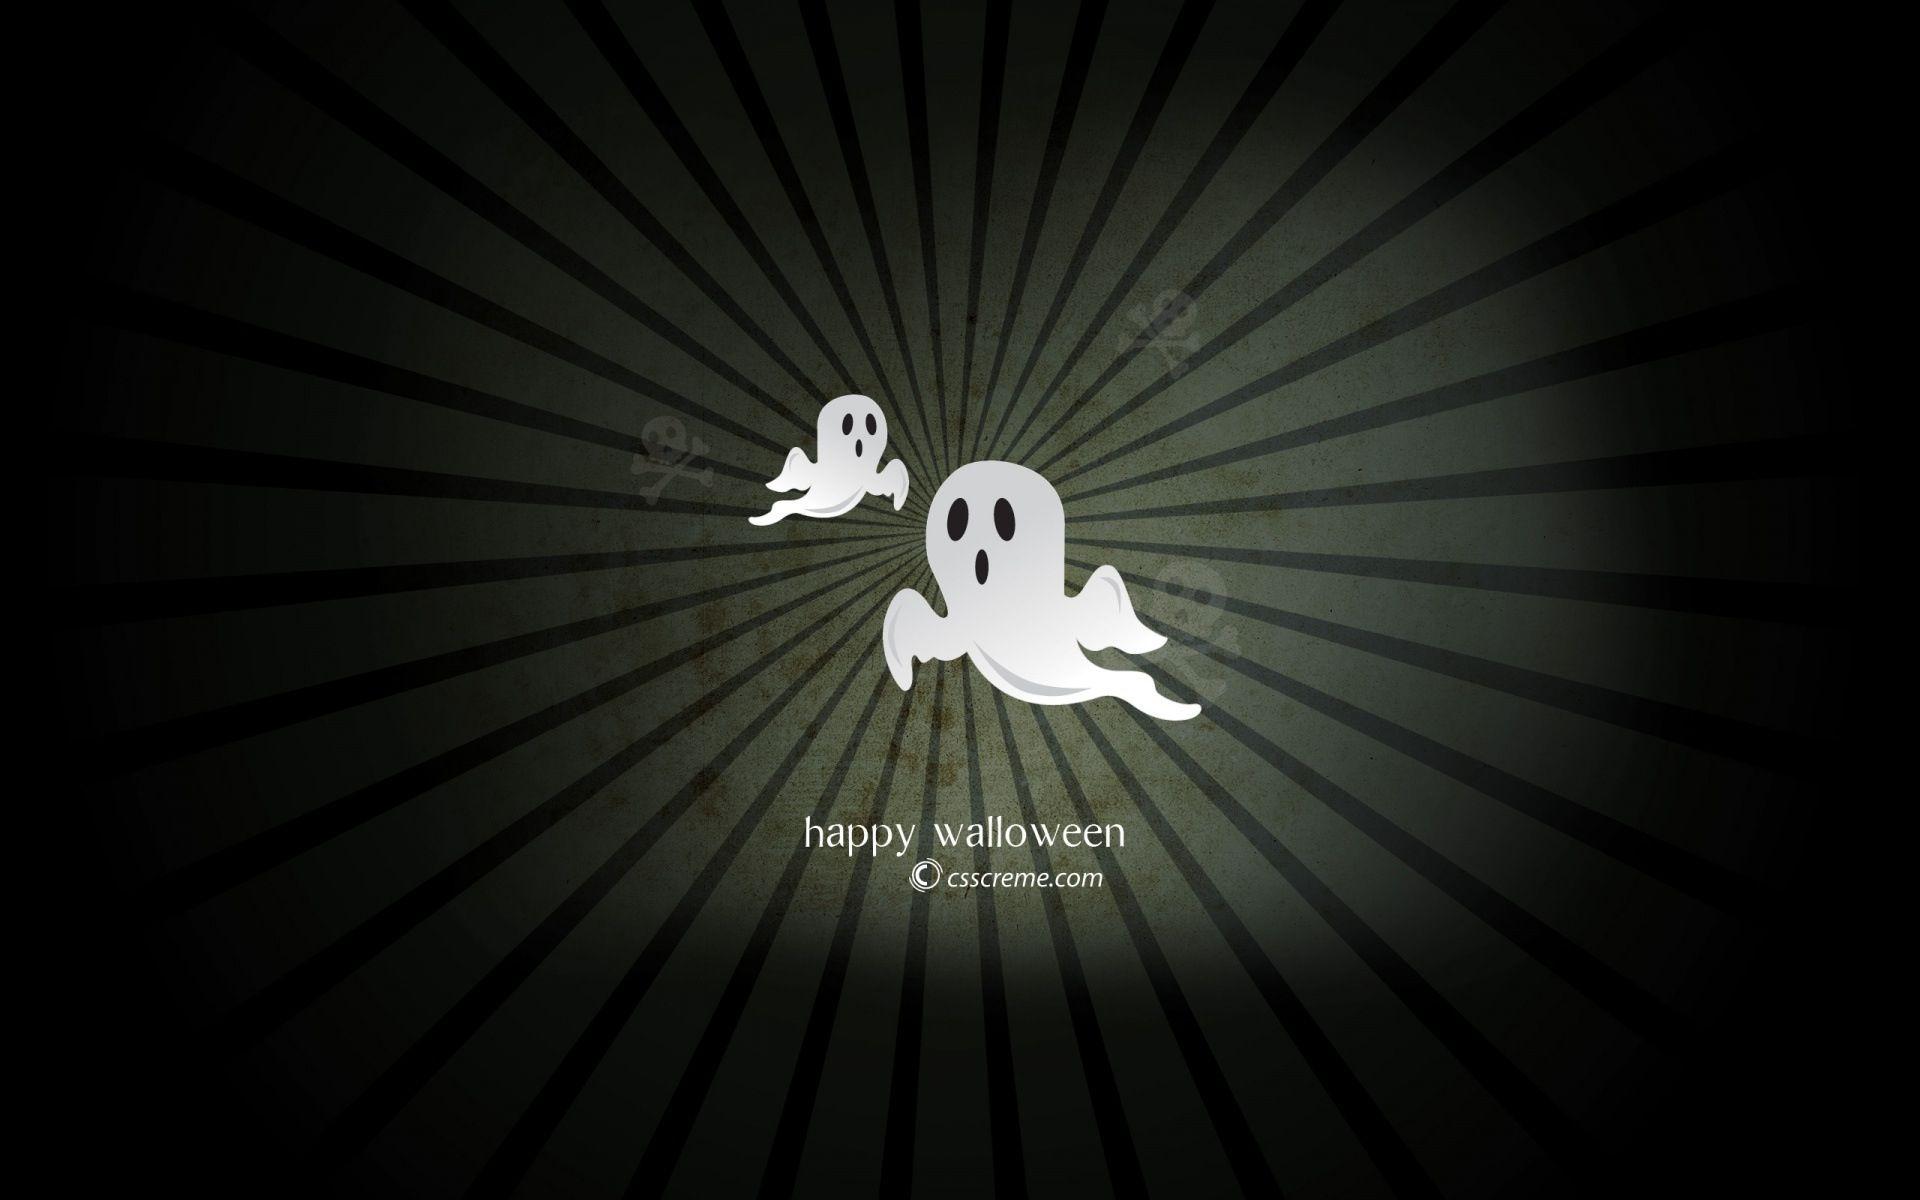 Caspers Halloween Desktop Wallpaper Free Halloween Wallpaper